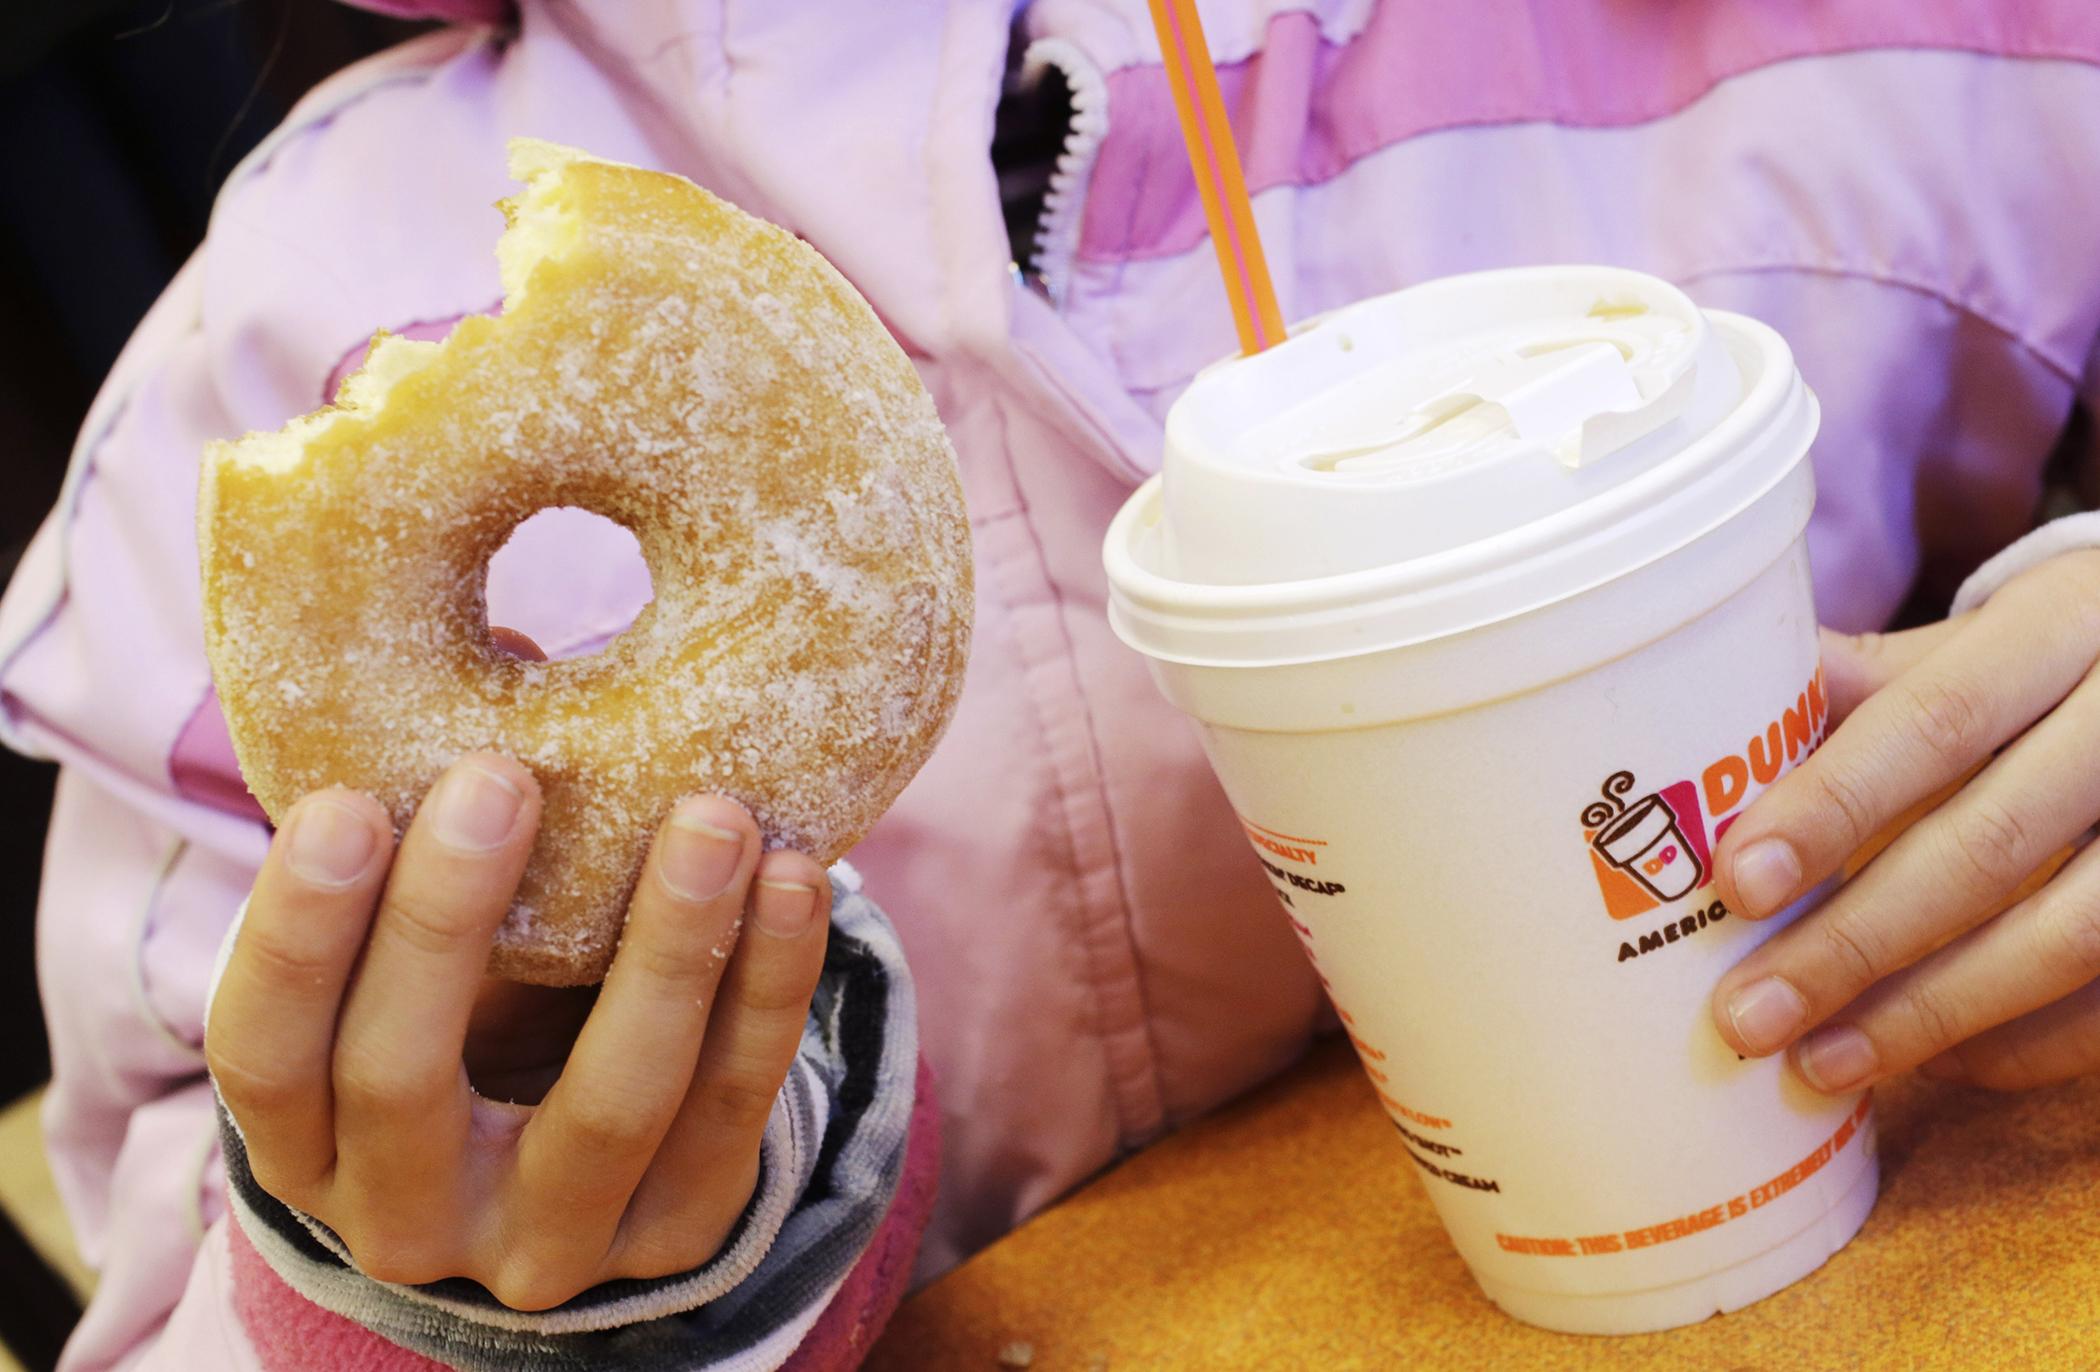 160524_GAL_FreebieDays_Donut